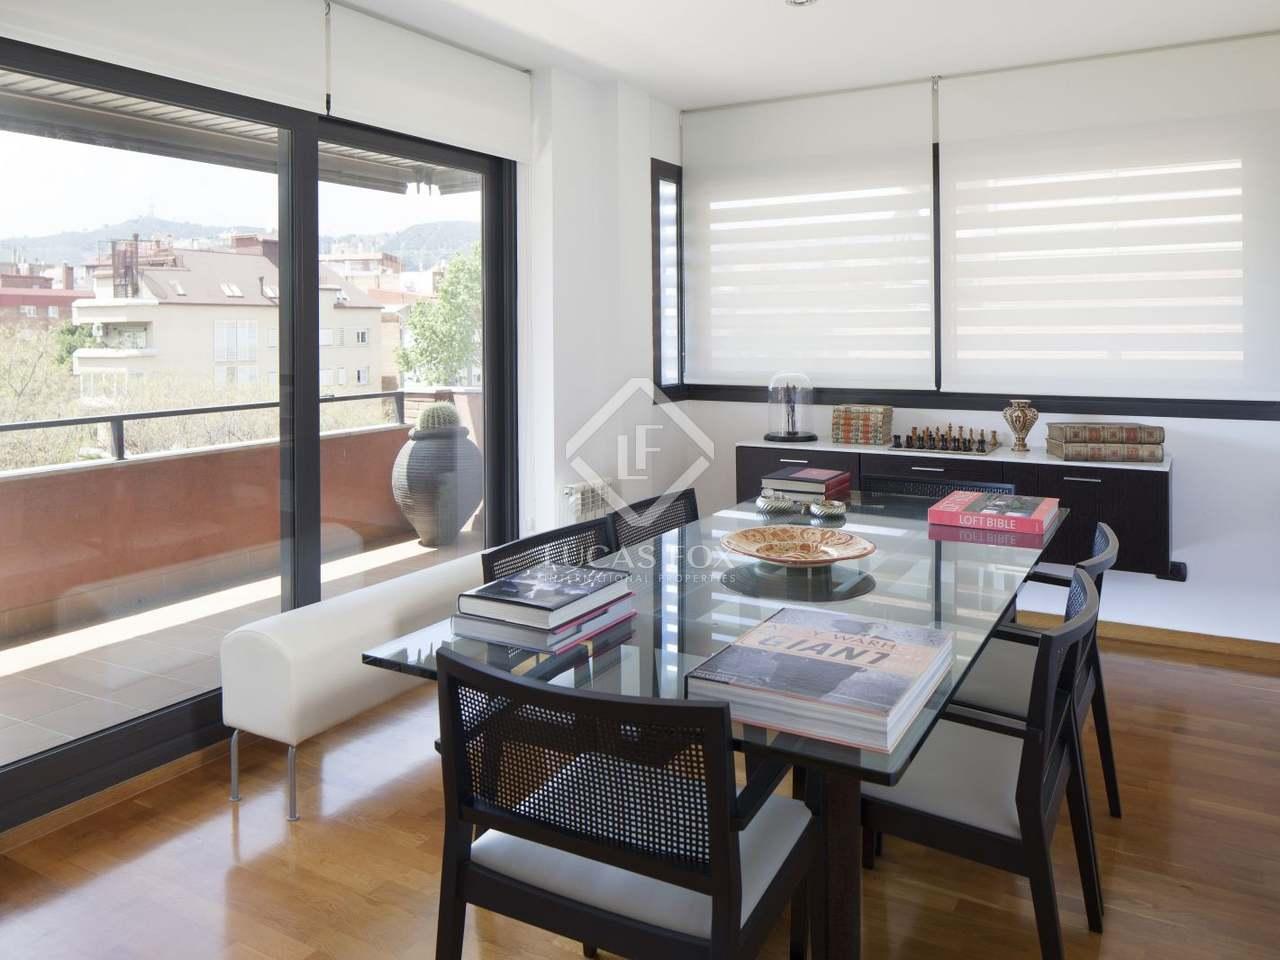 Apartamento de 3 dormitorios en alquiler en tres torres barcelona - Apartamentos en alquiler barcelona ...